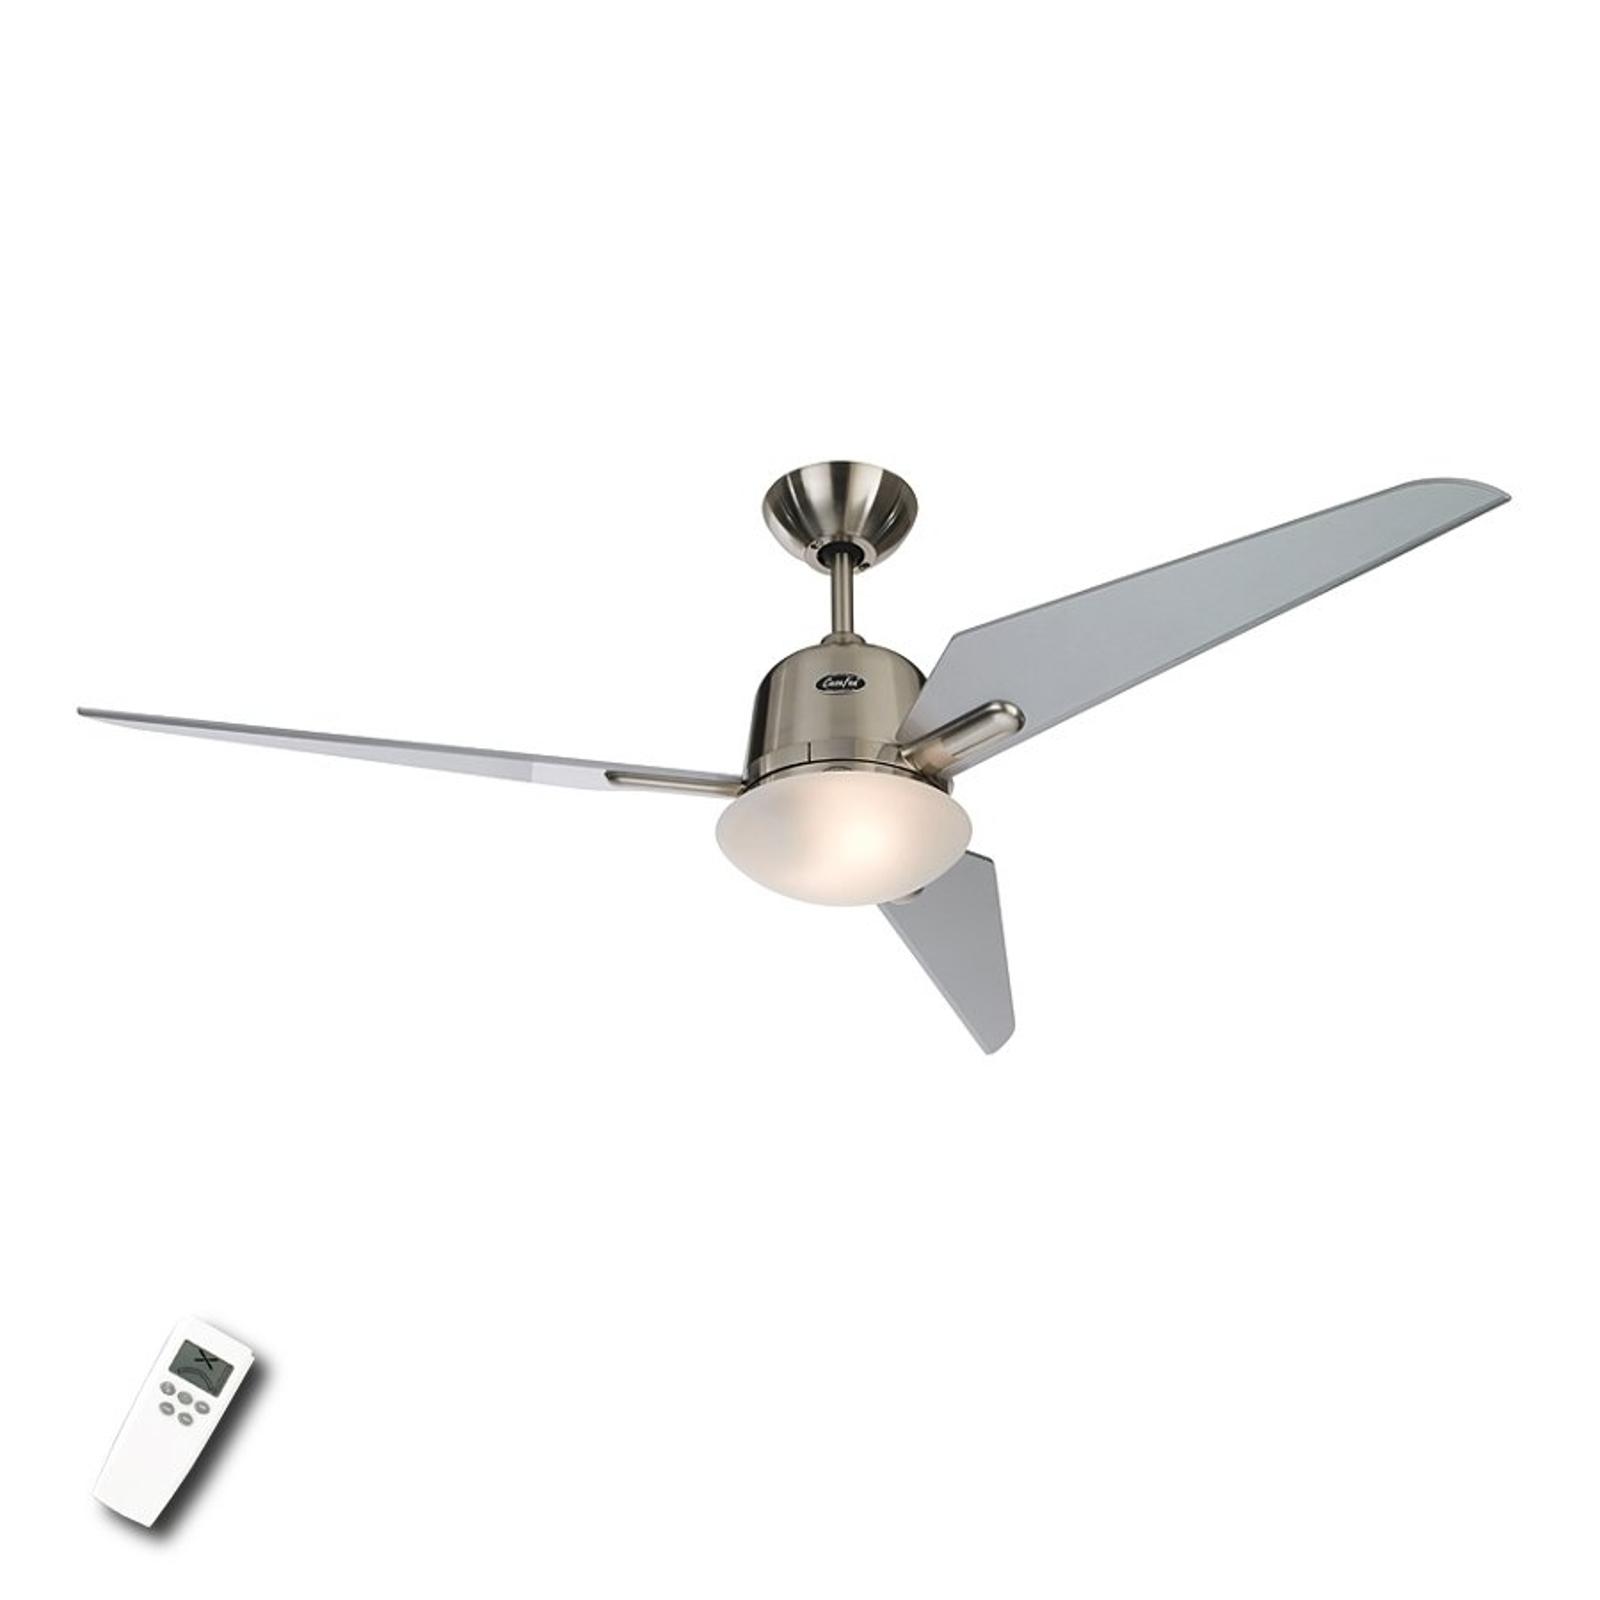 Wentylator sufitowy Eco Aviatos srebrny 132 cm